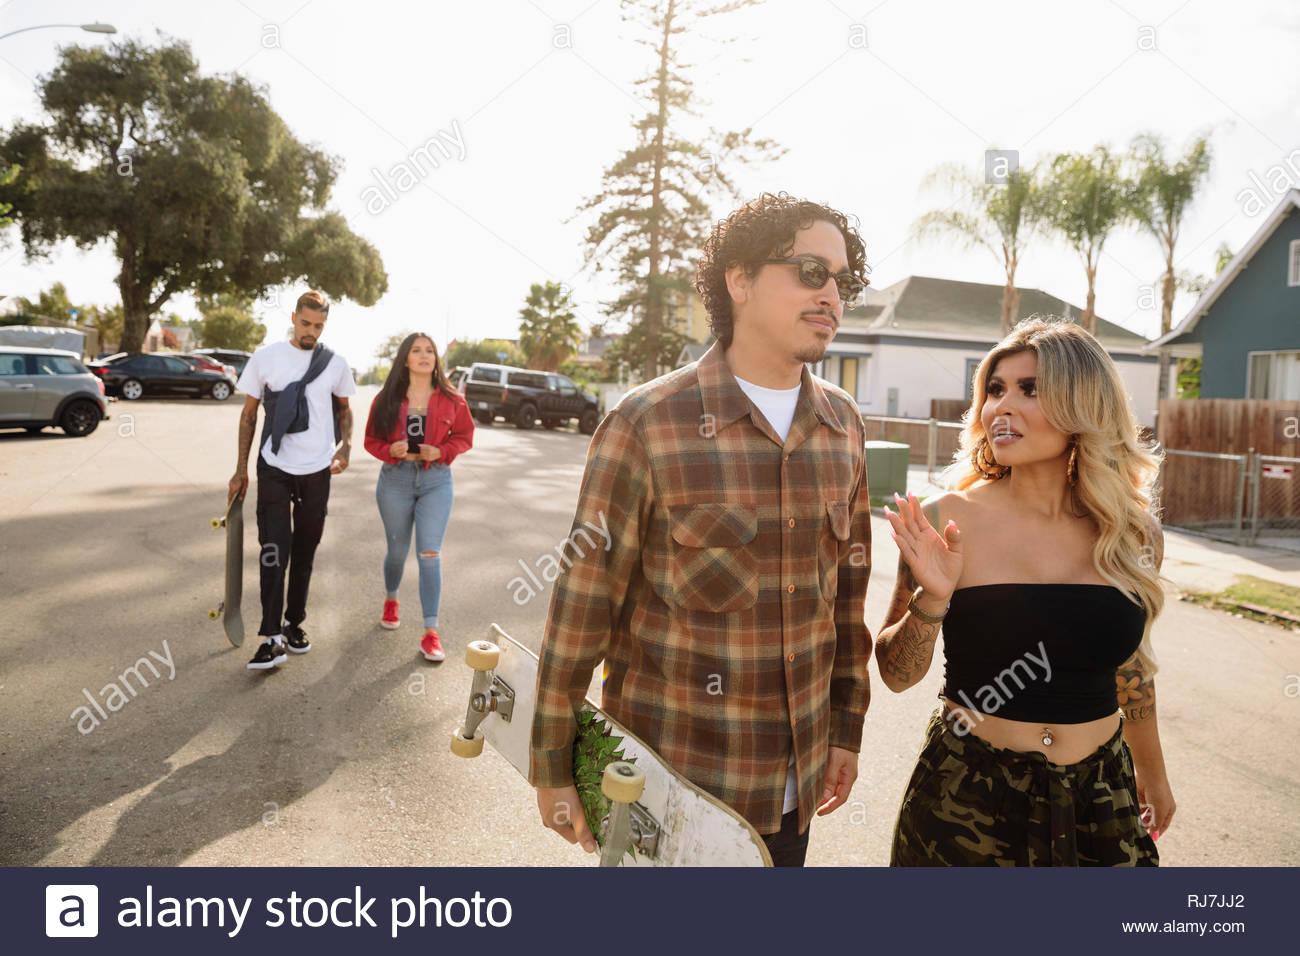 Latinx couples with skateboard walking in sunny neighborhood - Stock Image